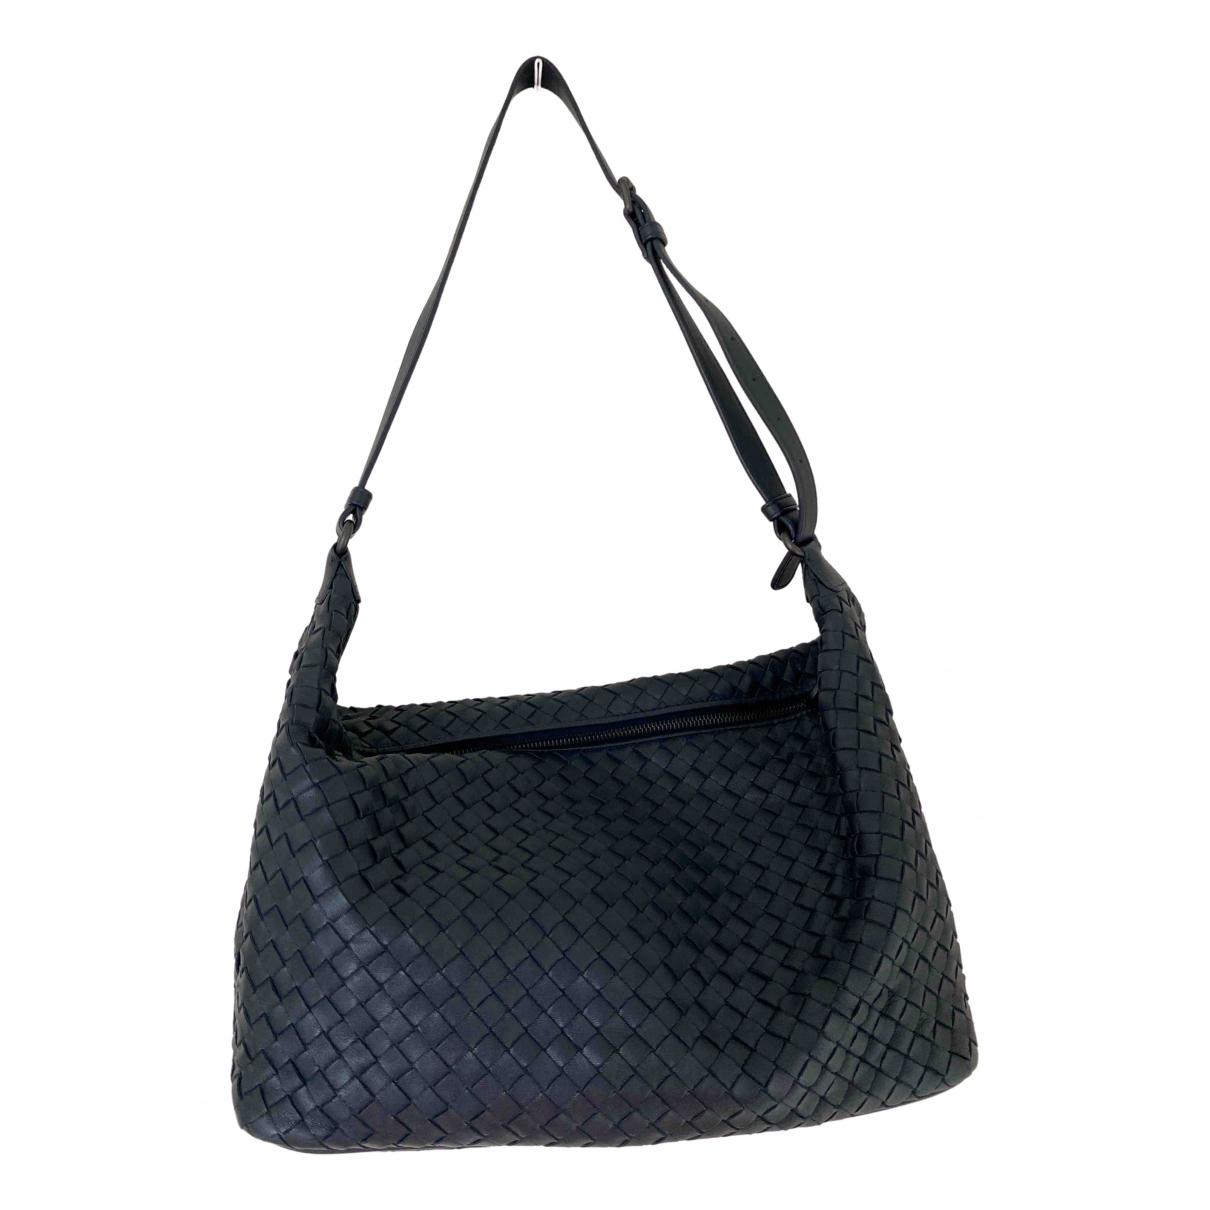 Bottega Veneta N Navy Leather handbag for Women N